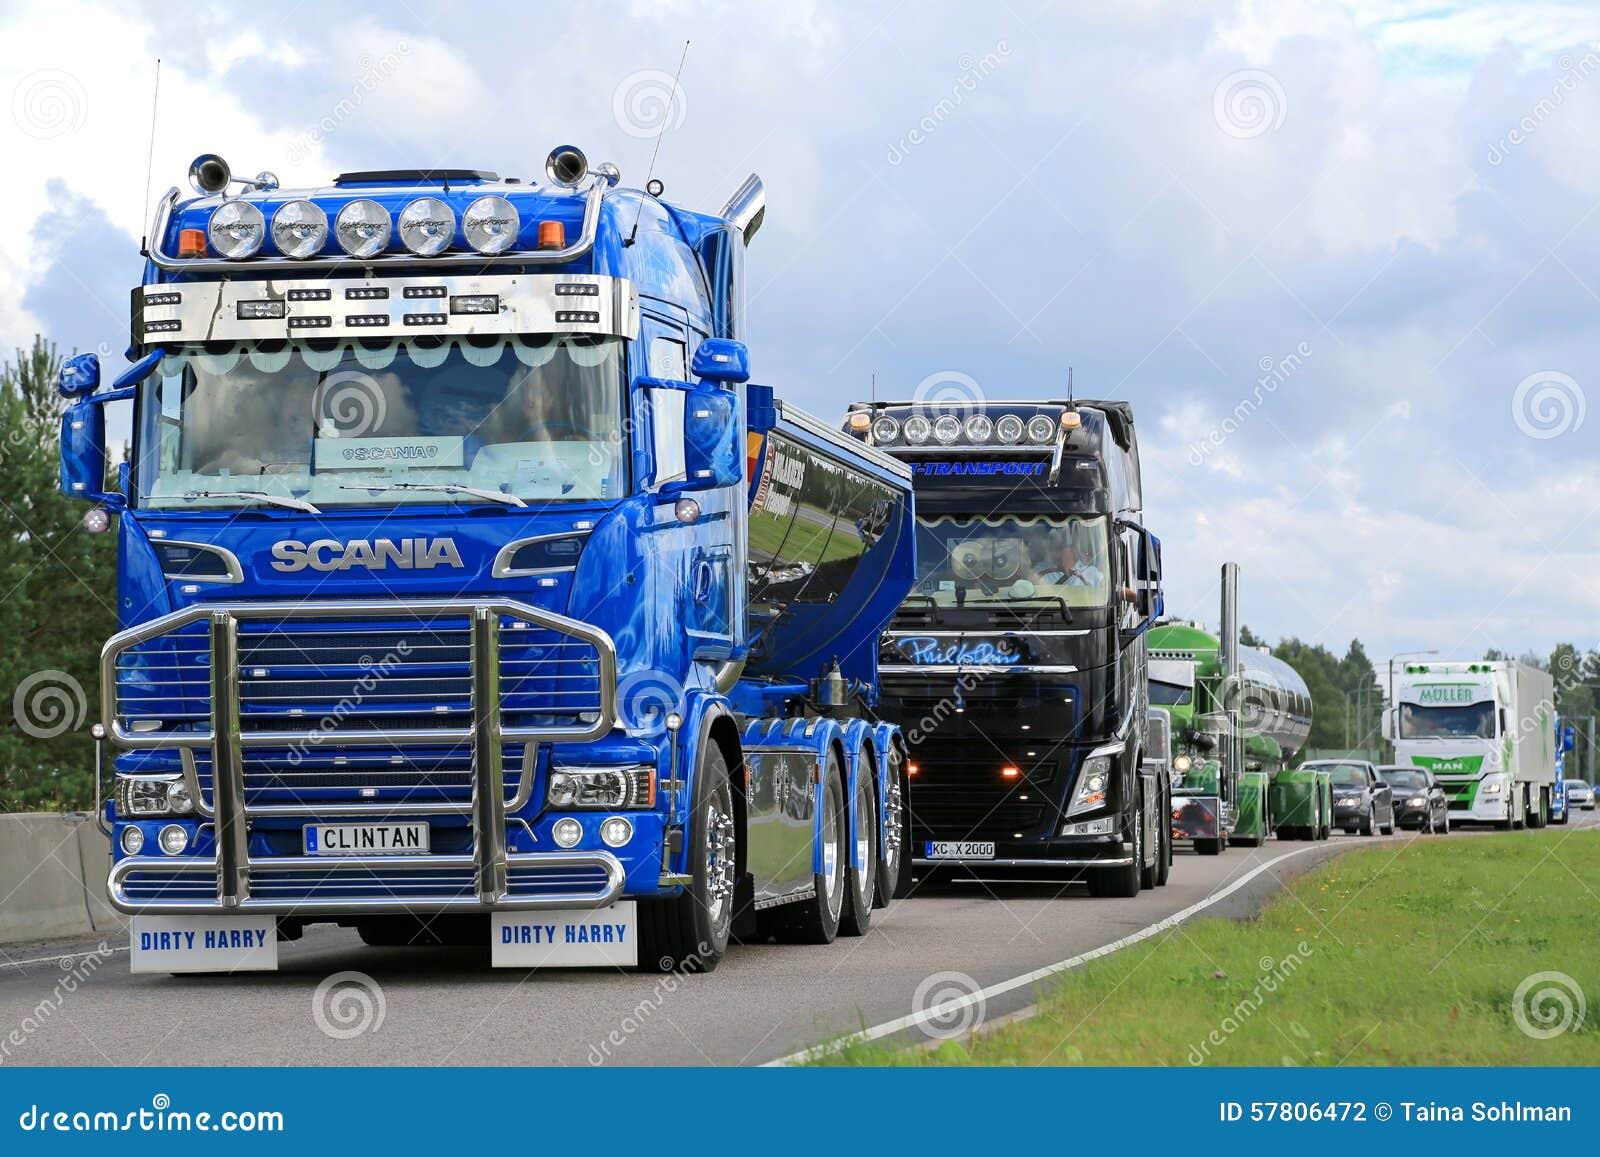 Zeigen Sie LKWKonvoi Mit Scania R520 Clintan Und Volvo FH